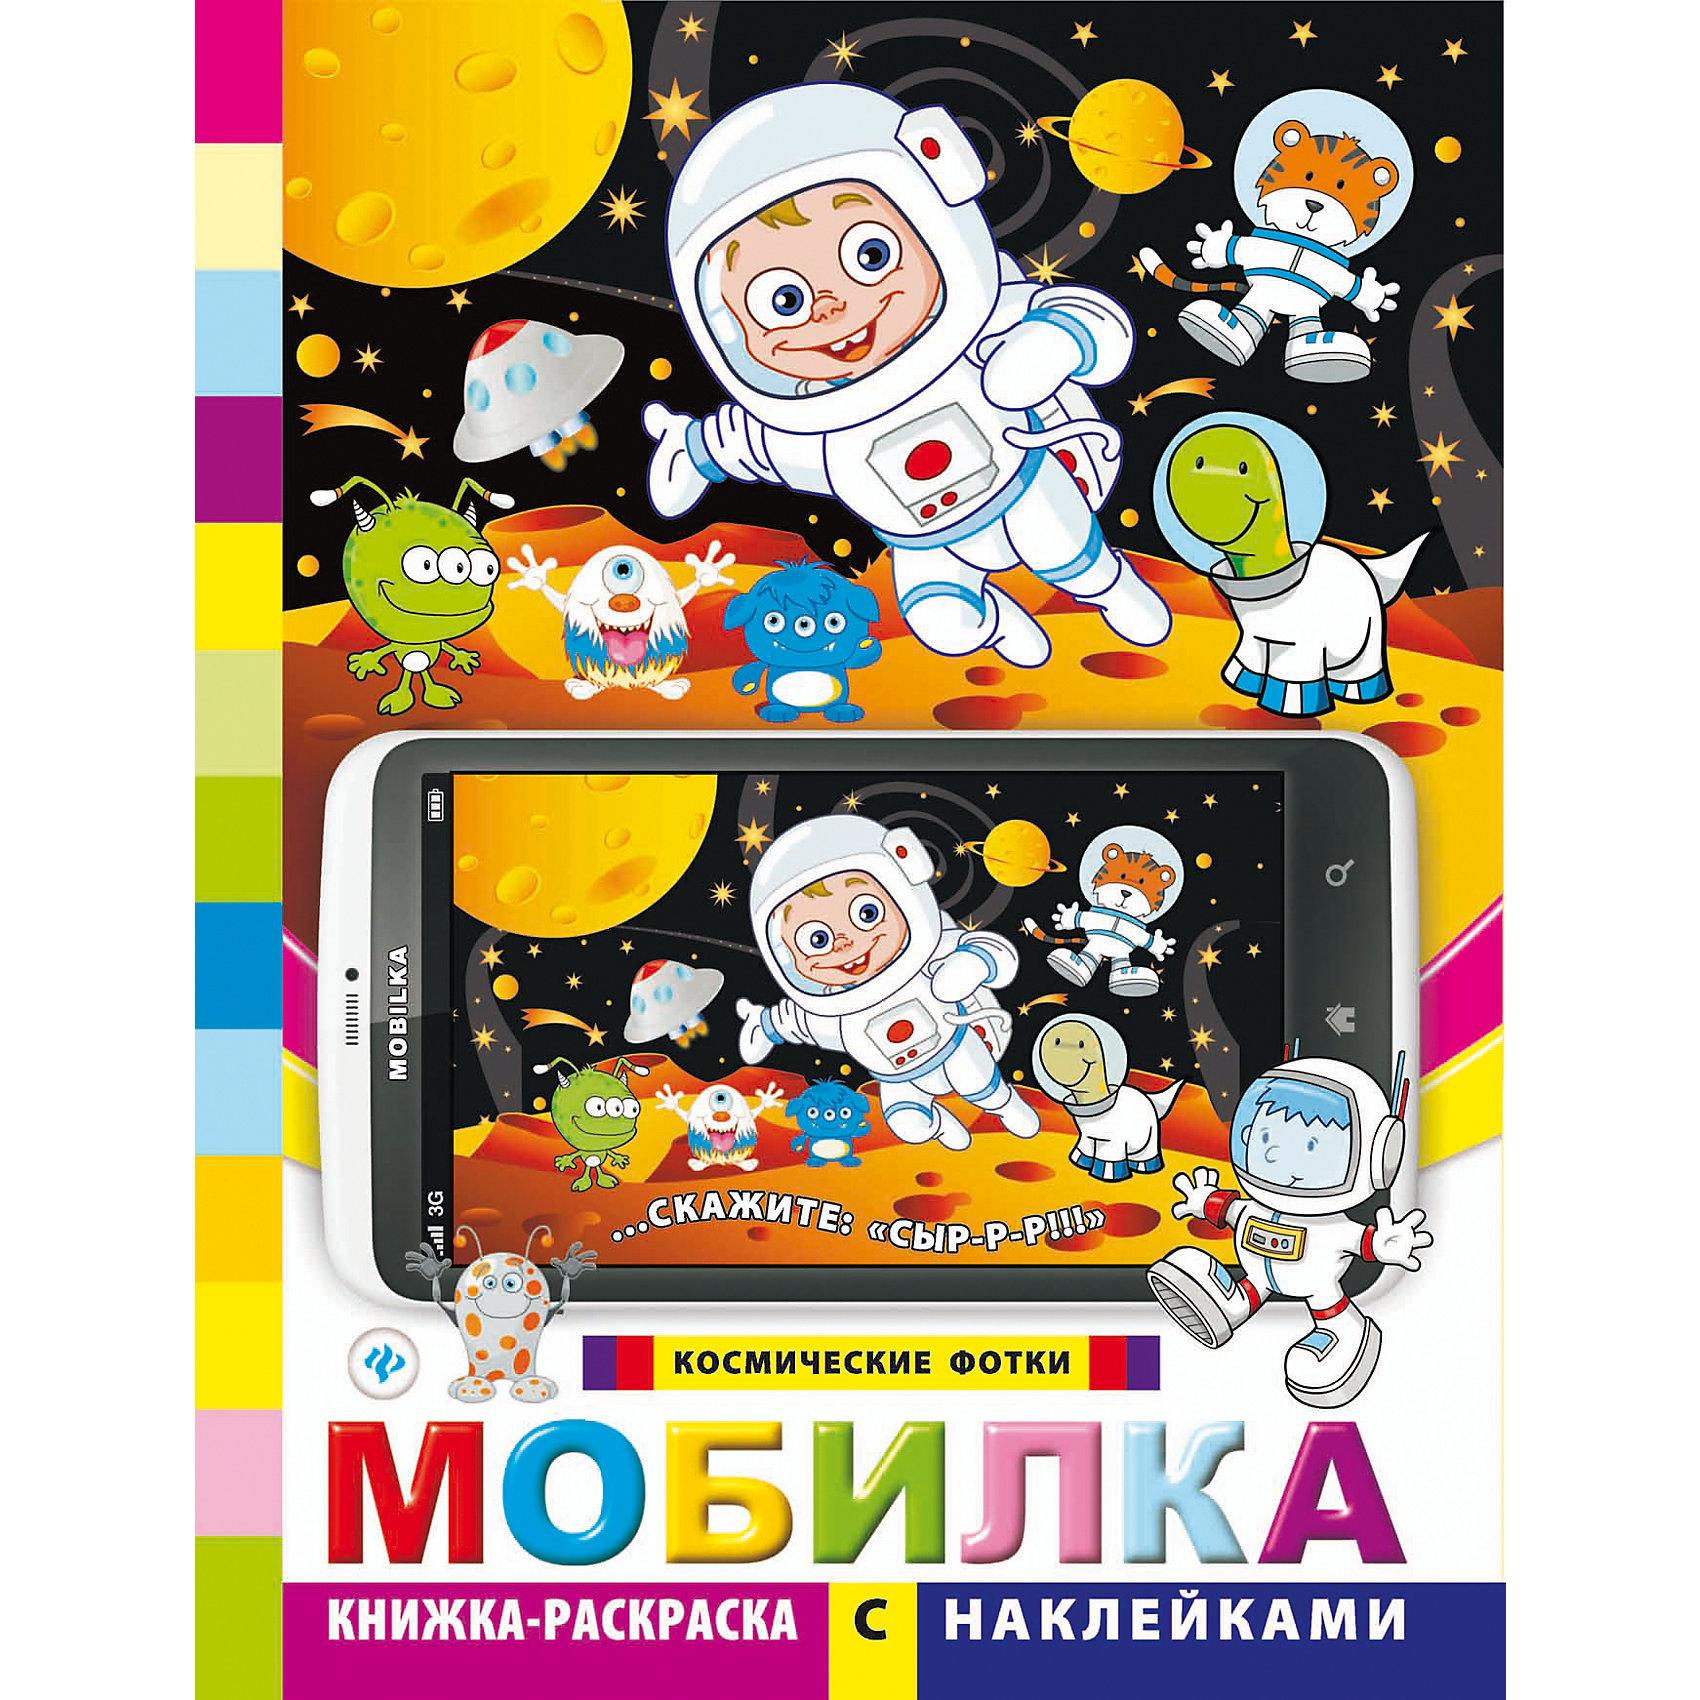 Книжка-раскраска с наклейками Мобилка. Космические фотки, 2-е изданиеКнижка-раскраска с наклейками Мобилка. Космические фотки, 2-е издание<br><br>Характеристики: <br><br>• Кол-во страниц: 16<br>• ISBN: 9785222223918<br>• Возраст: 0+<br>• Обложка: мягкая<br>• Формат: а4<br><br>Эта удивительная раскраска посвящена теме космоса, летательным аппаратам и инопланетянам. Задача ребенка - не только создать яркую иллюстрацию, но и найти в книге подходящую наклейку, чтобы разместить ее на страничке. Благодаря тому, что в процессе наклеивания, нужно попасть в строго отведенные поля, развивается мелкая моторика и внимательность.<br><br>Книжка-раскраска с наклейками Мобилка. Космические фотки, 2-е издание можно купить в нашем интернет-магазине.<br><br>Ширина мм: 286<br>Глубина мм: 214<br>Высота мм: 20<br>Вес г: 121<br>Возраст от месяцев: -2147483648<br>Возраст до месяцев: 2147483647<br>Пол: Унисекс<br>Возраст: Детский<br>SKU: 5464516